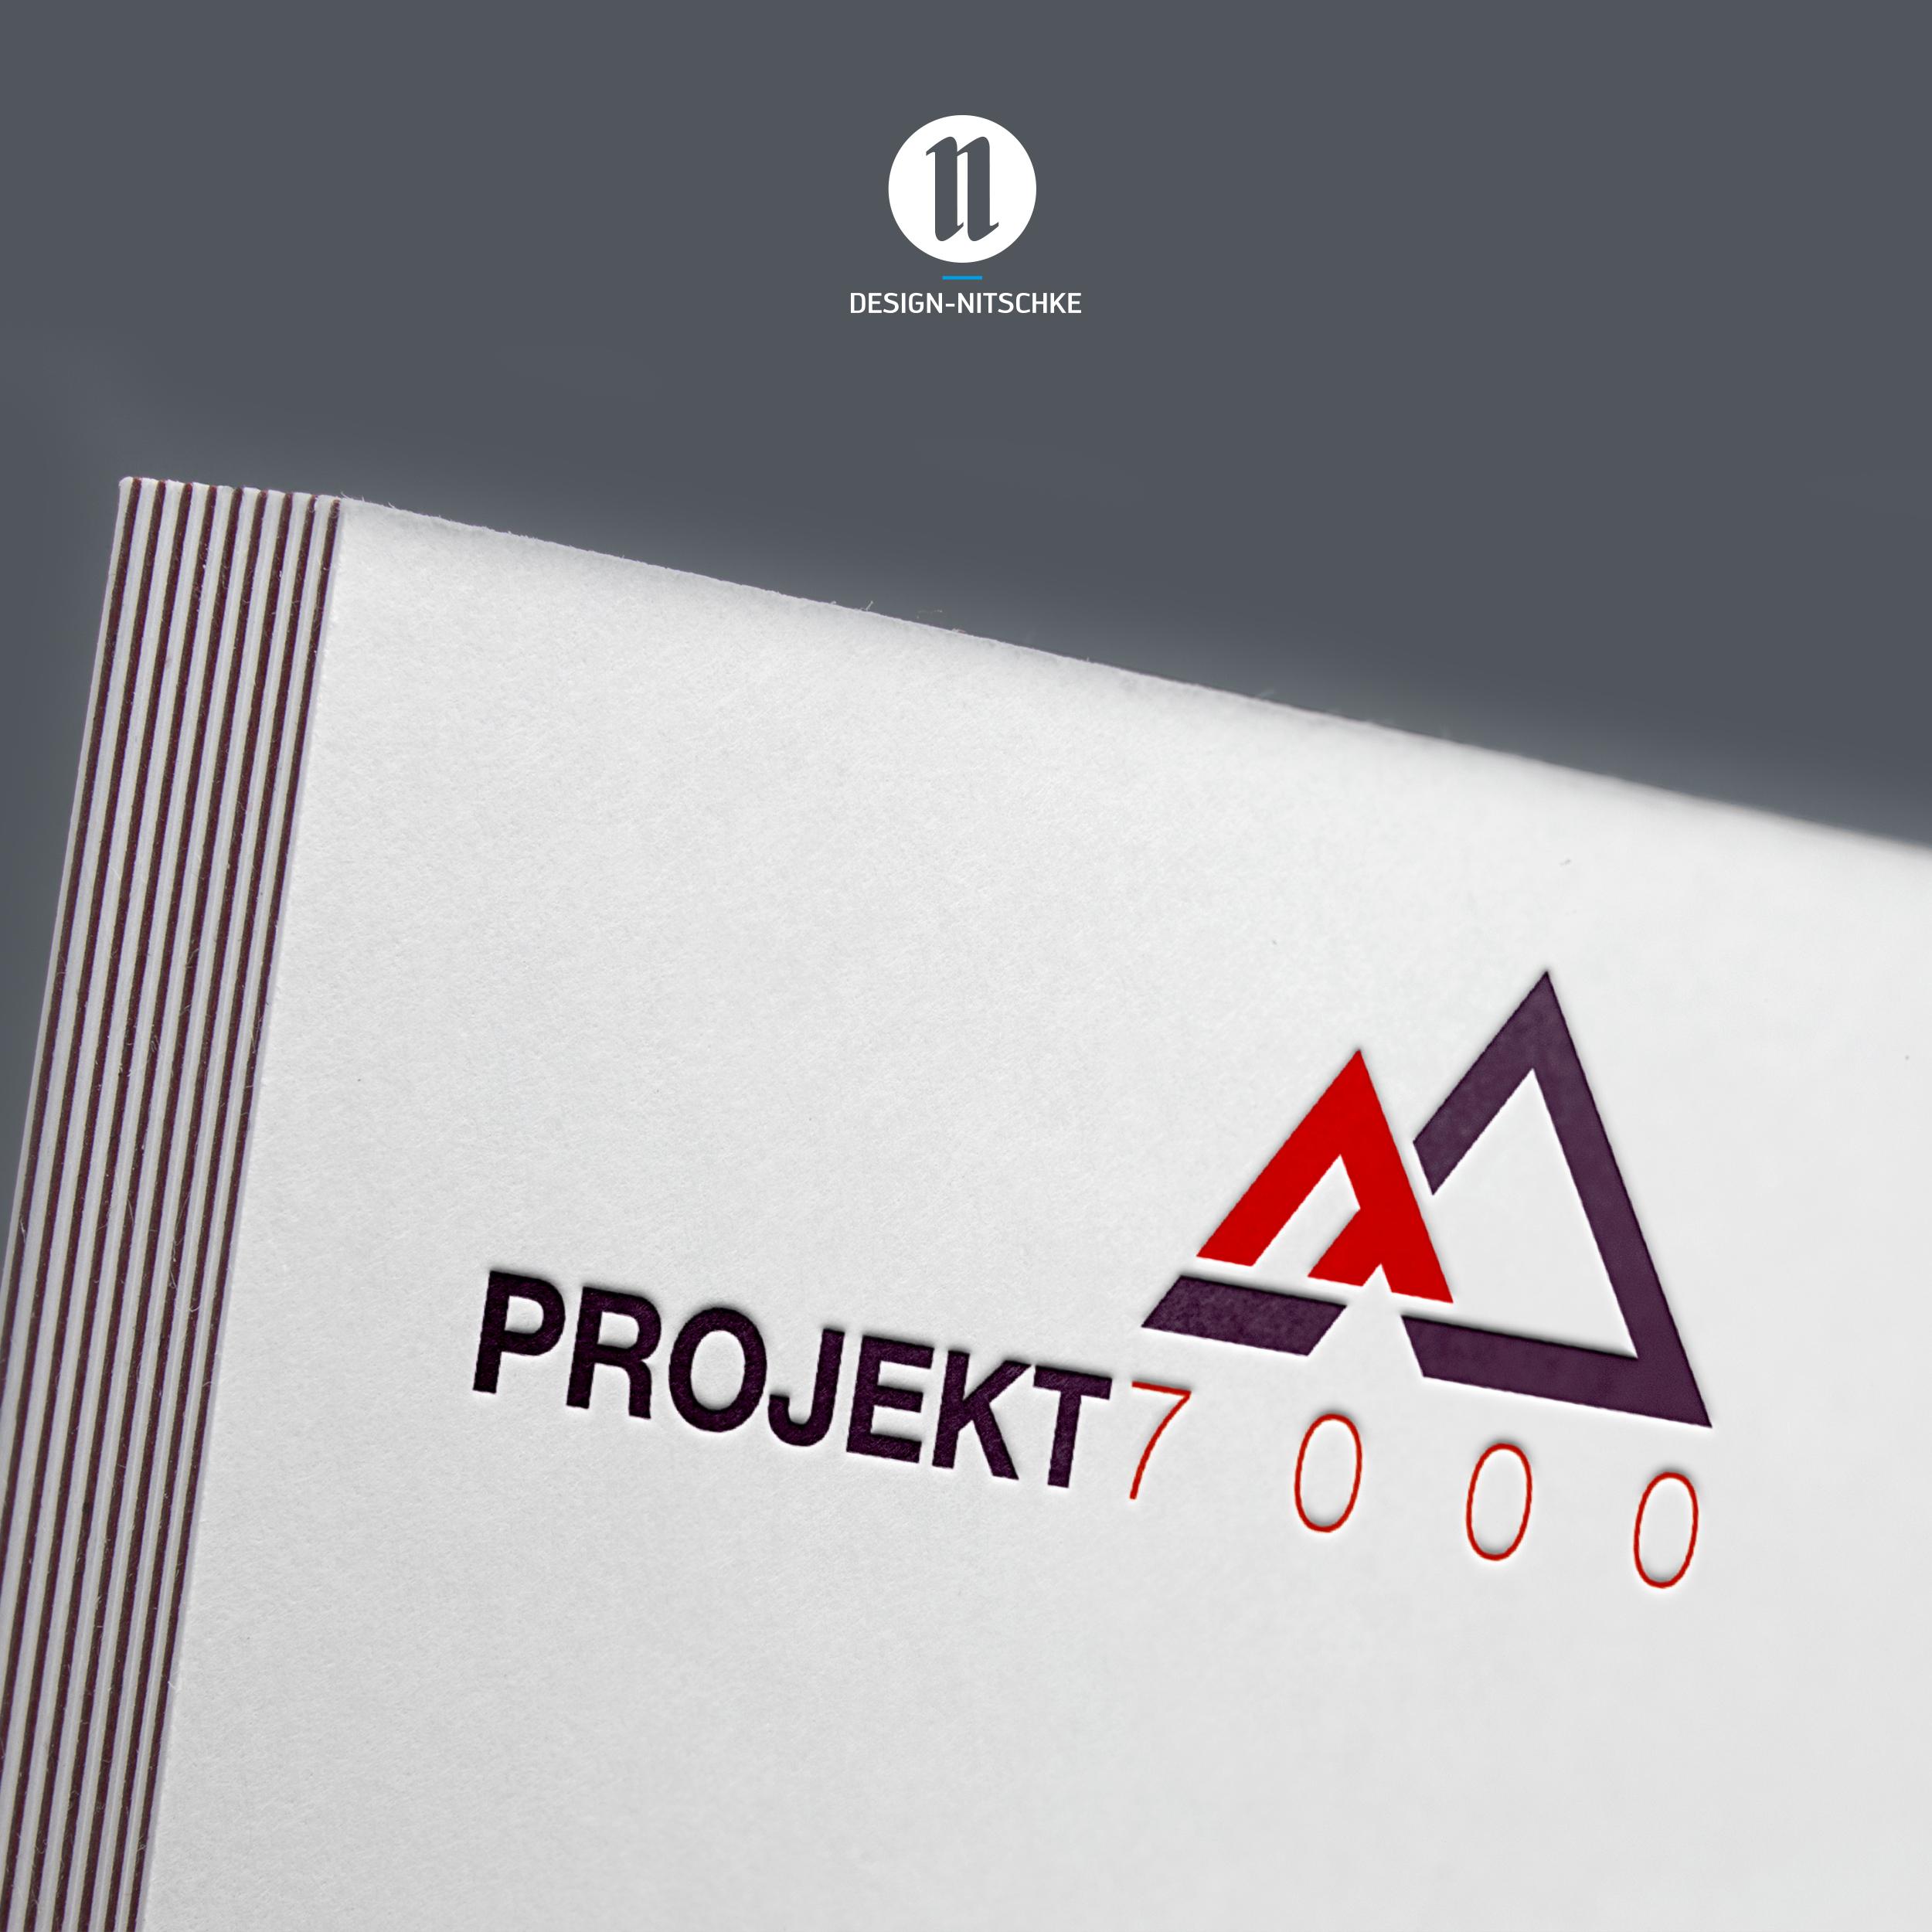 torsten_weigel_projekt7000_ci_logo_design_werbeagentur_nitschke_oranienburg_grau.jpg